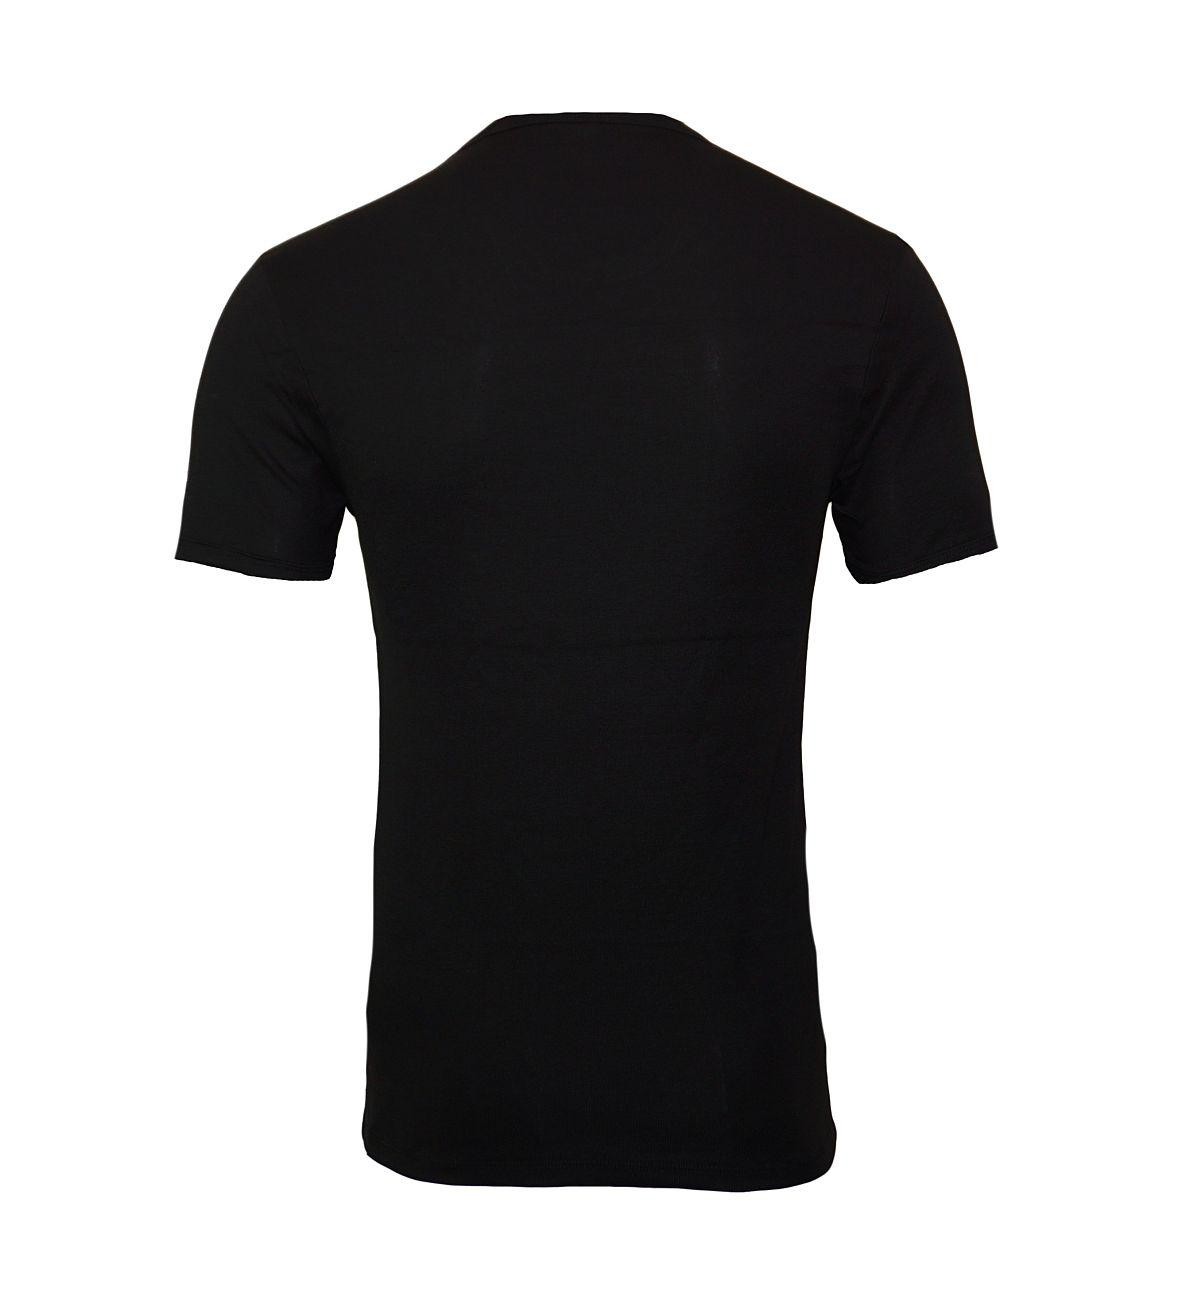 G-Star 2er Pack T-Shirts Slim Fit Rundhals D07205-124-990 Black F18-GSP1